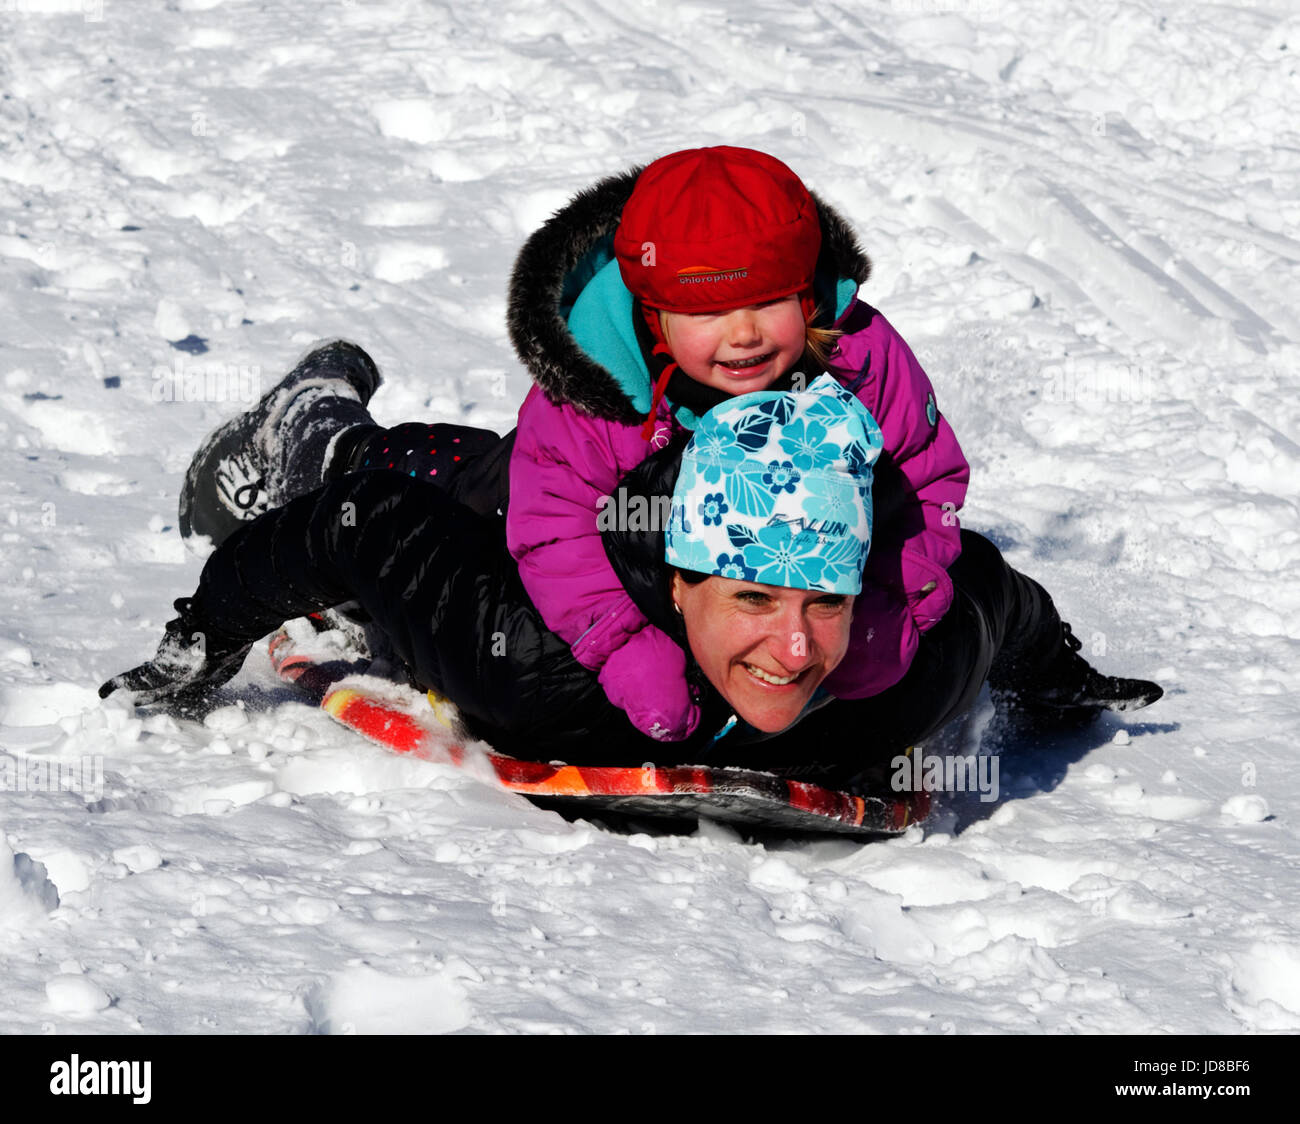 Un jeune enfant à cheval sur le dos d'un adulte sur un traîneau Photo Stock